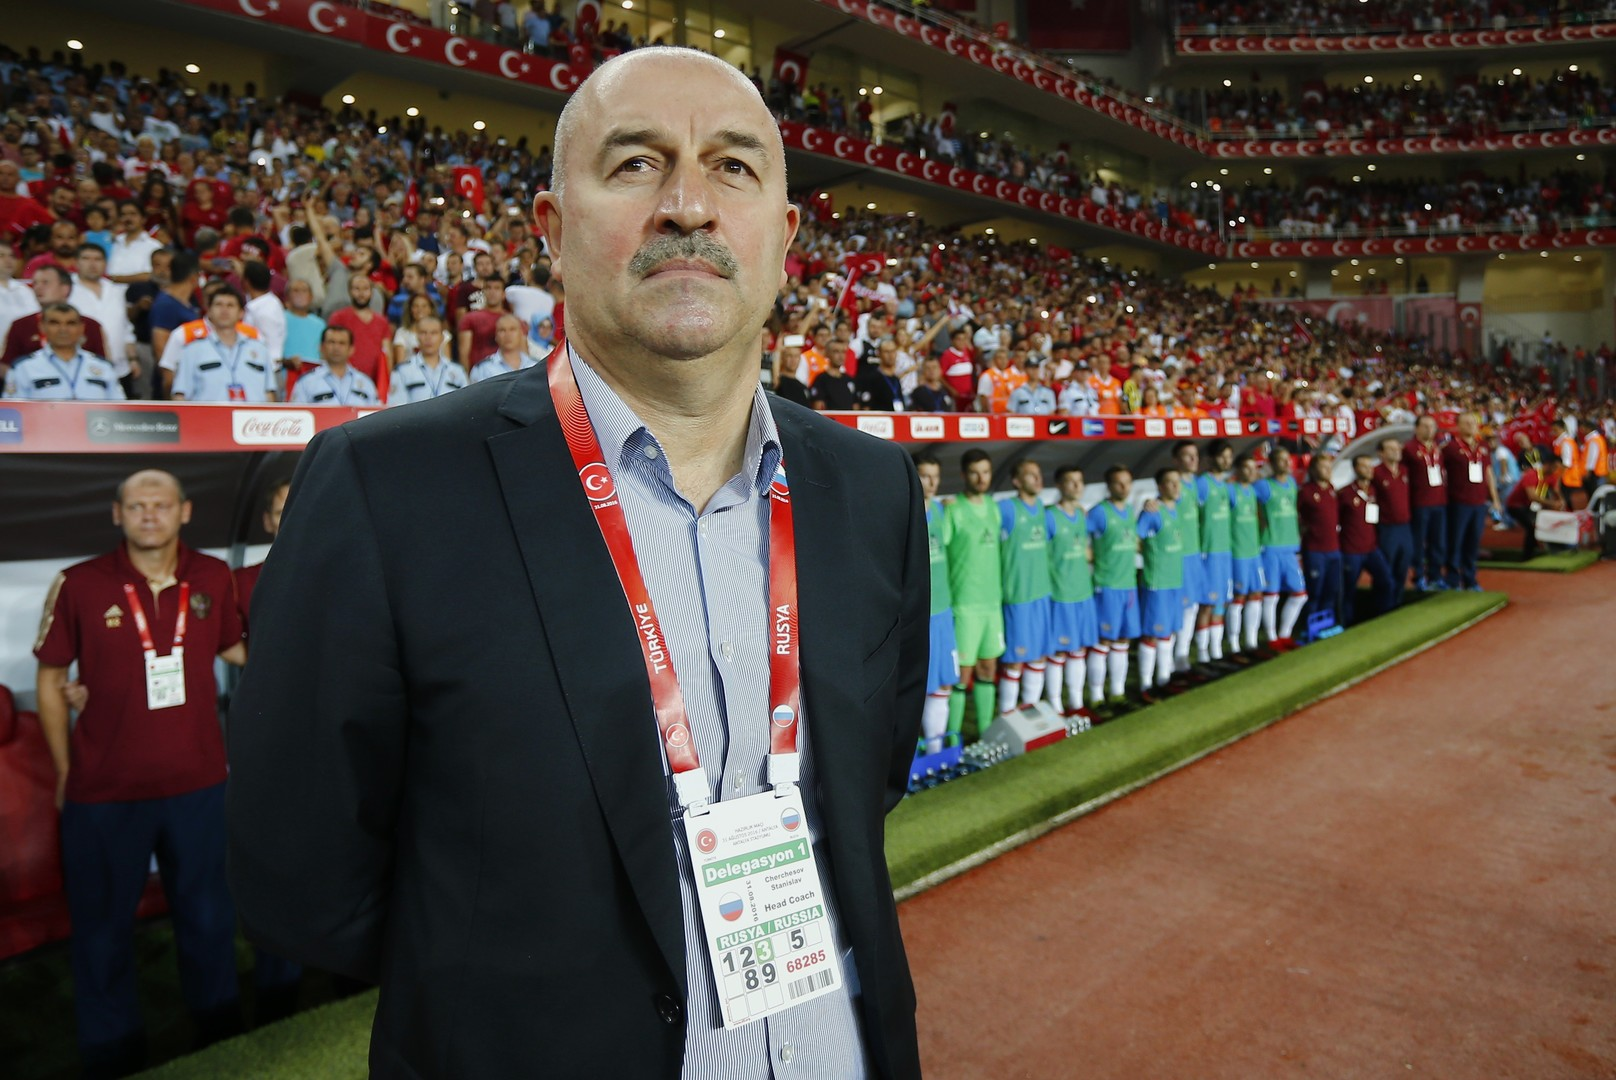 Der ehemalige Fußballnationaltorhüter der Sowjetunion, der GUS und Russlands, Stanislaw Tschertschessow, ist seit Juli 2016 ist Cheftrainer der Russischen Fußballnationalmannschaft.